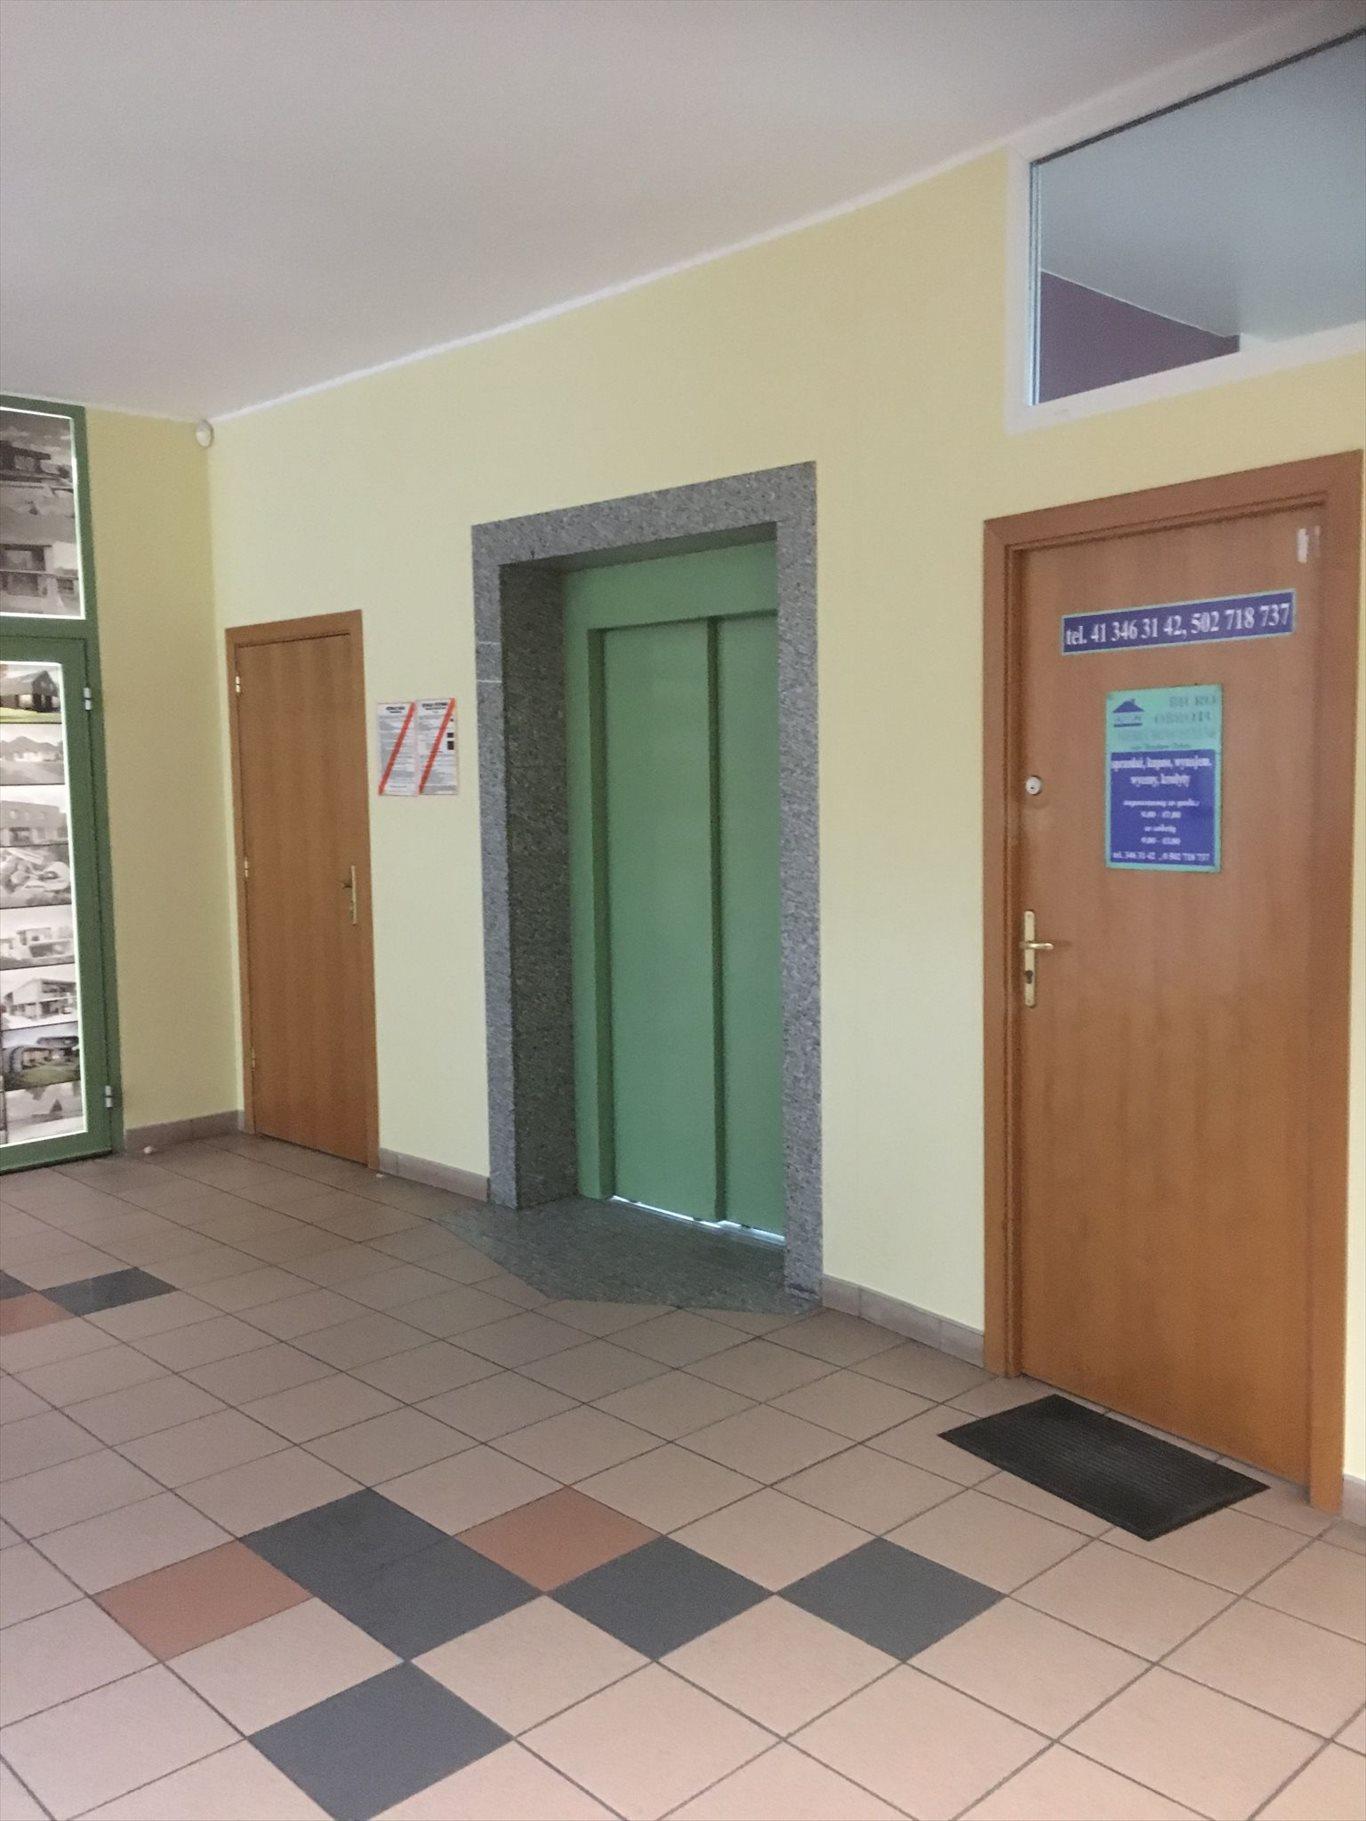 Lokal użytkowy na wynajem Kielce, Centrum, Paderewskiego  Fitness !!!!  461m2 Foto 10